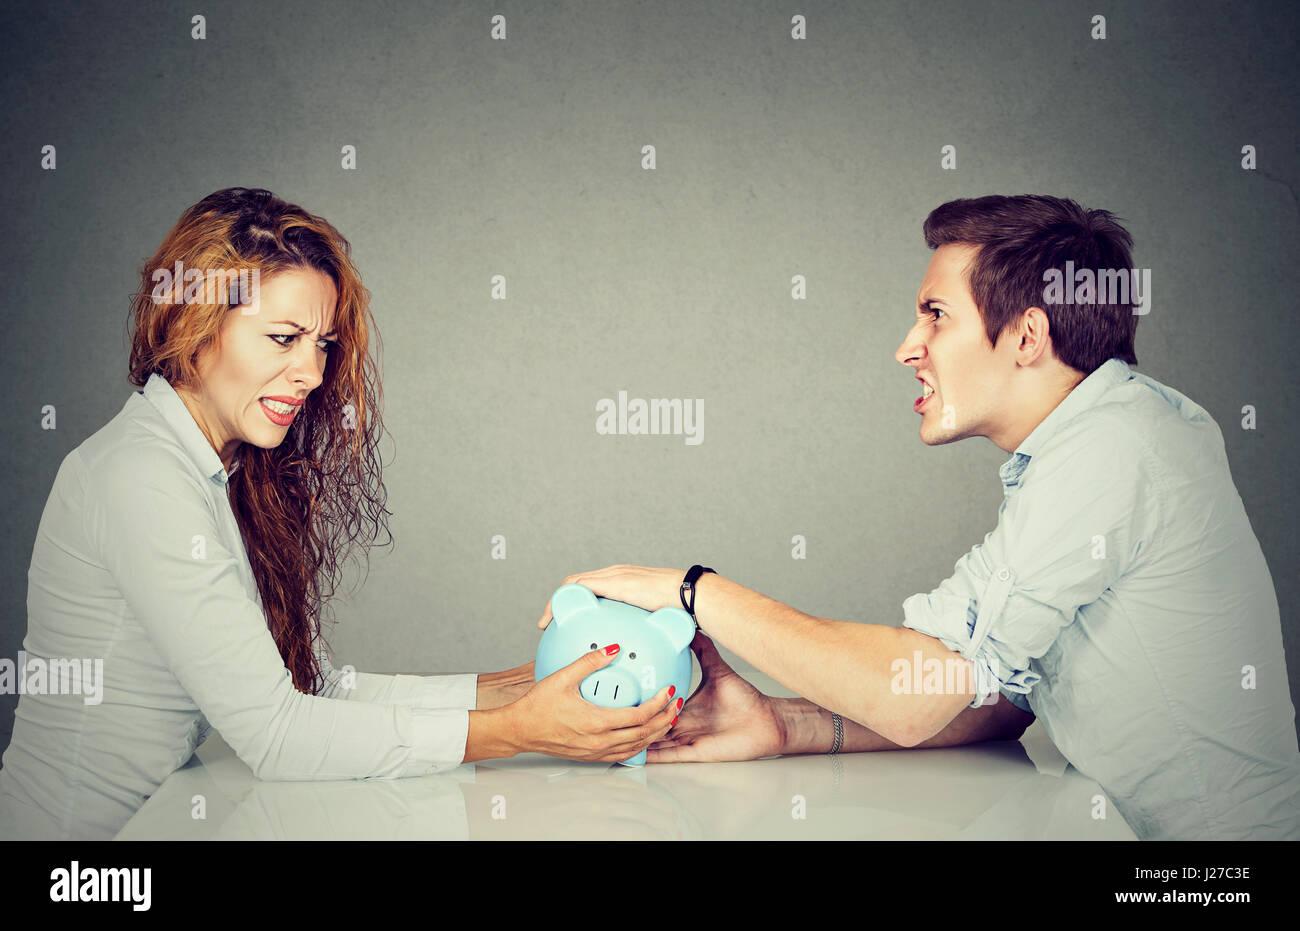 Finanze nel concetto di divorzio. Moglie e marito non può rendere insediamento azienda salvadanaio a tavola Immagini Stock